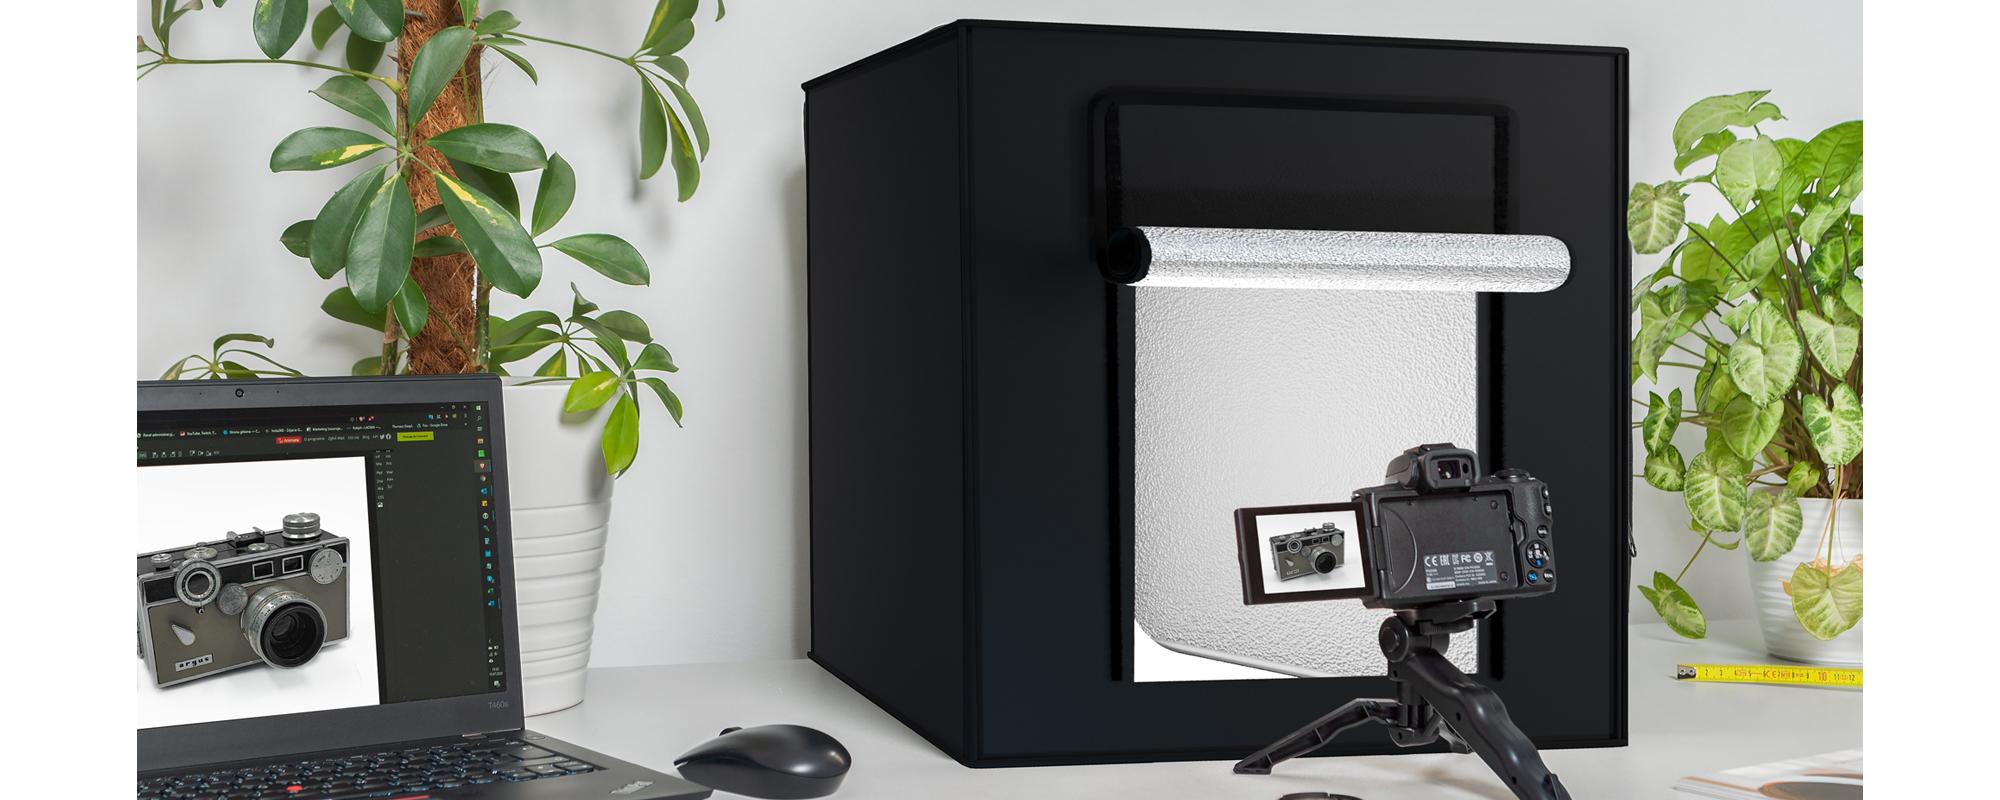 Grafika - Namiot bezcieniowy Newell M40 do fotografii produktowej_05.jpg